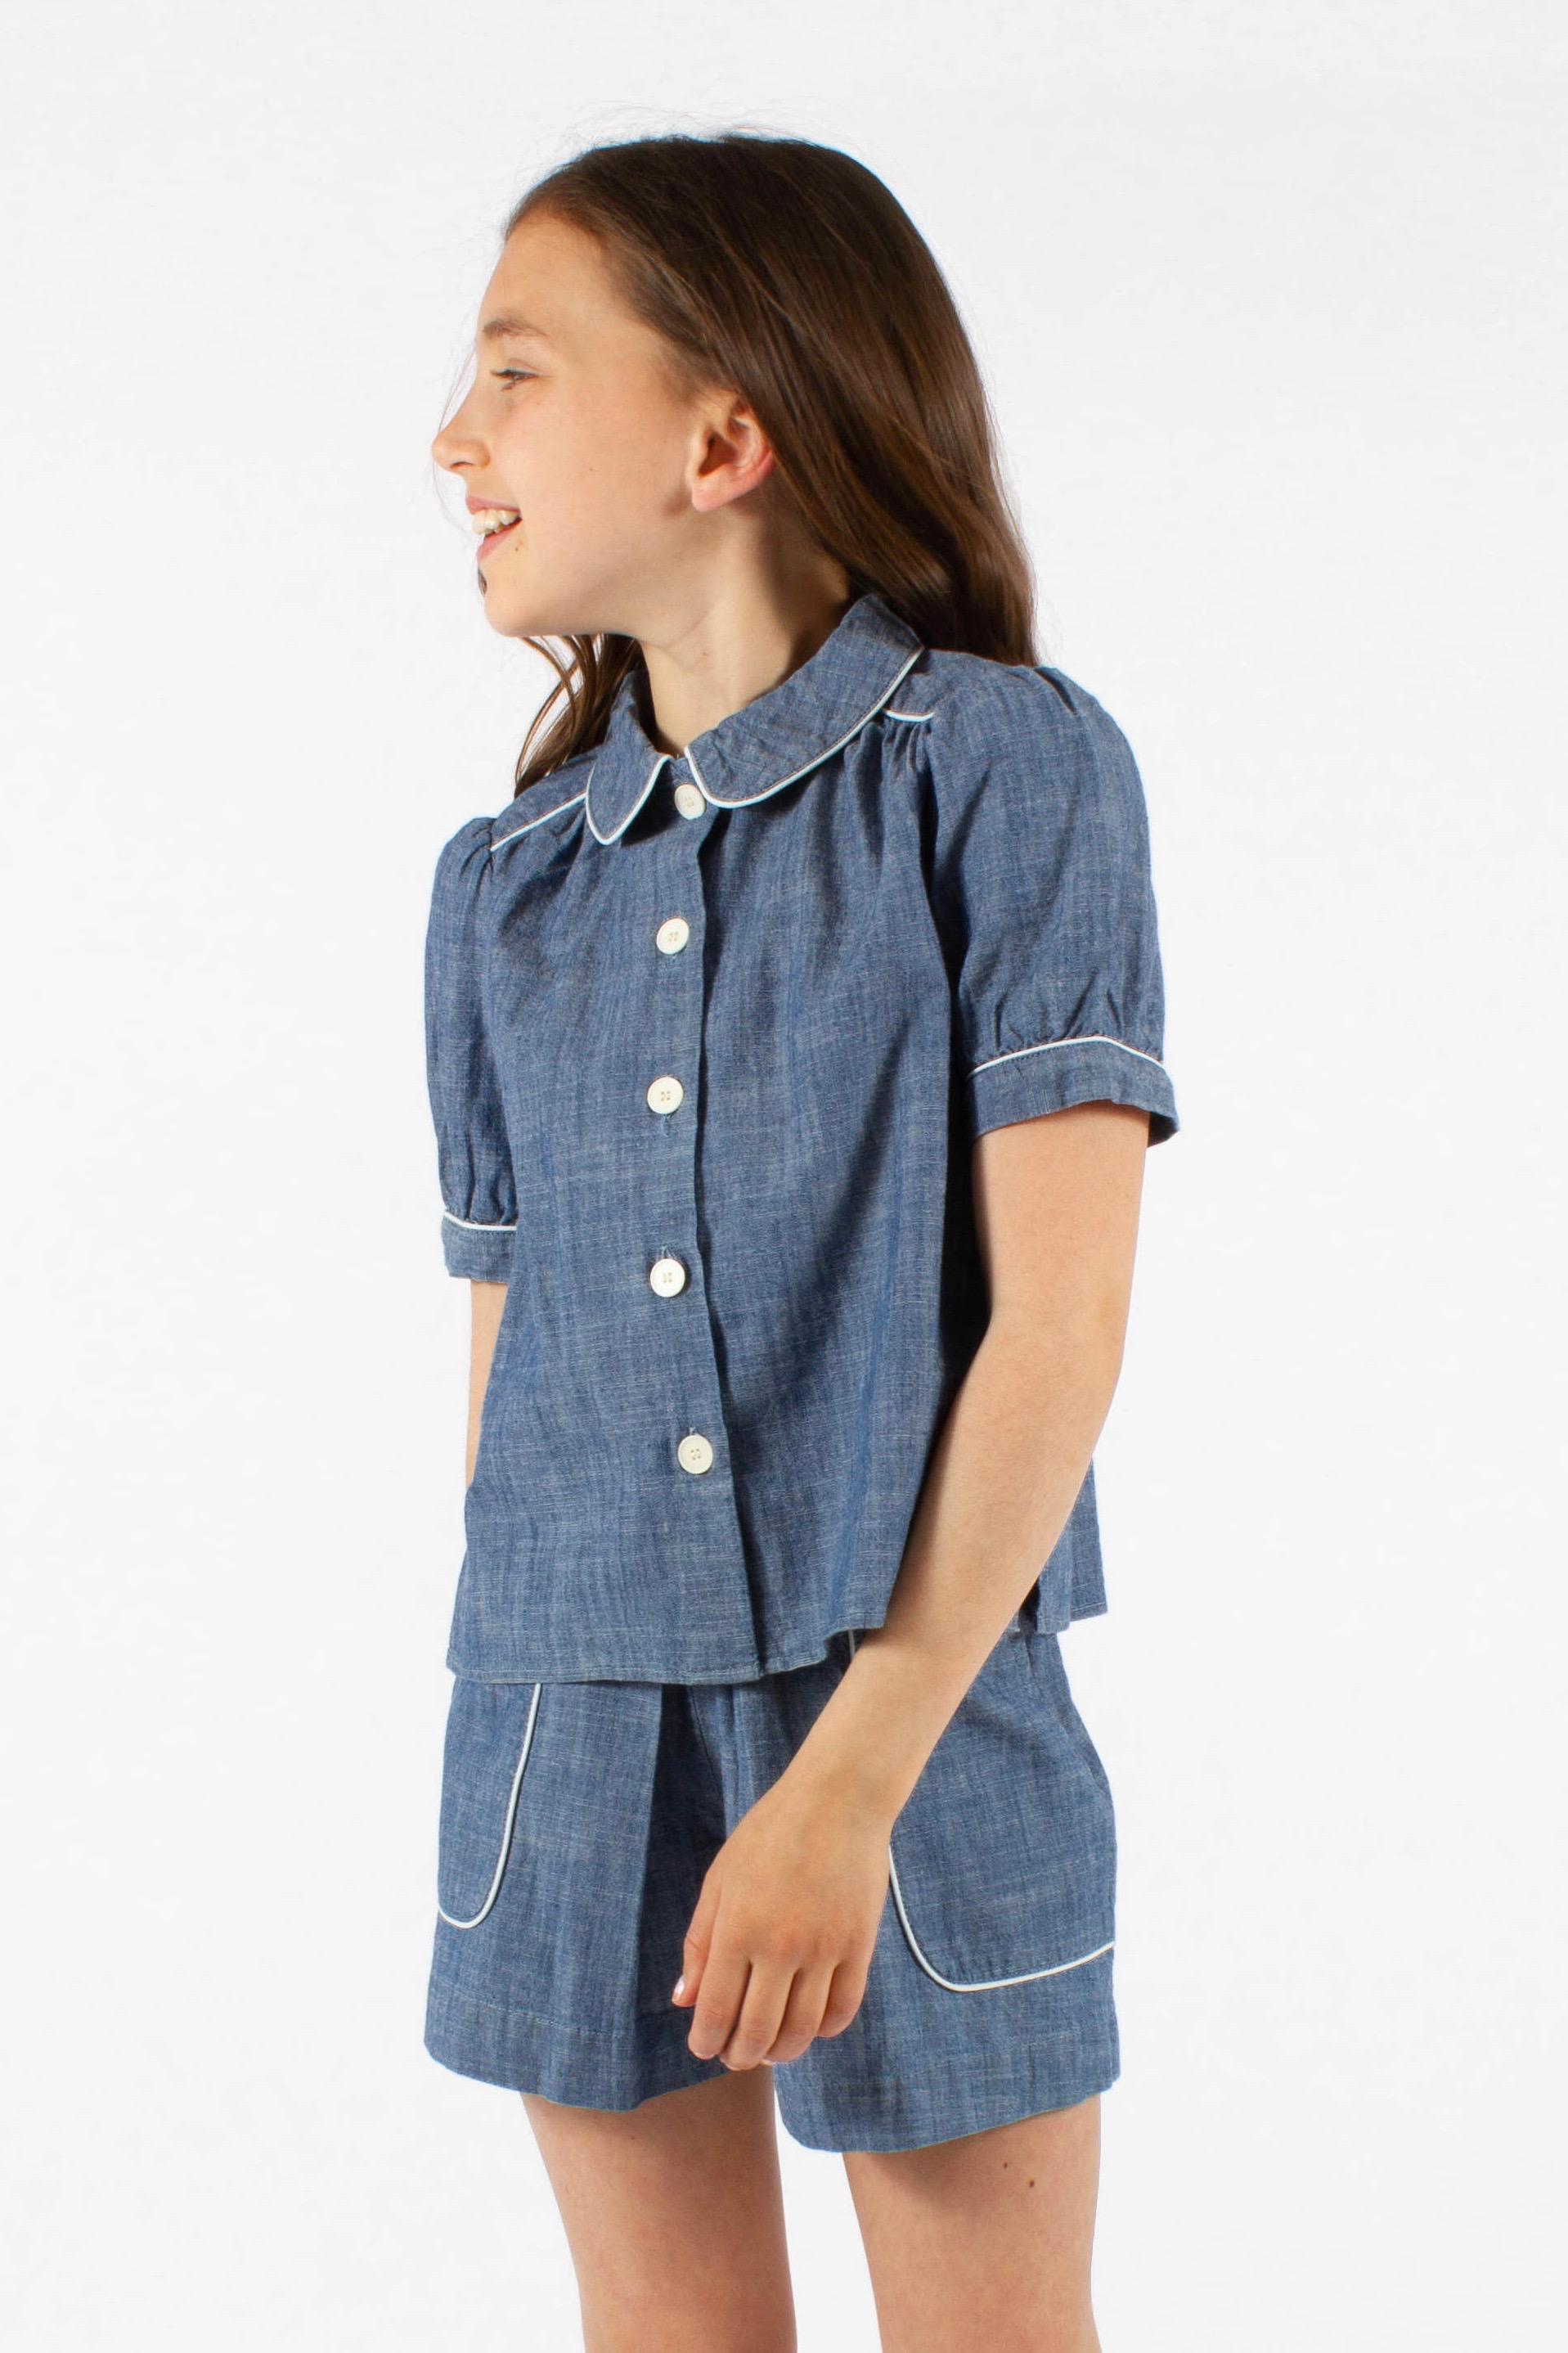 4885361fd8e4 Blus m krage » Barnkläder, Babykläder och Barnskor online » Lucca.se